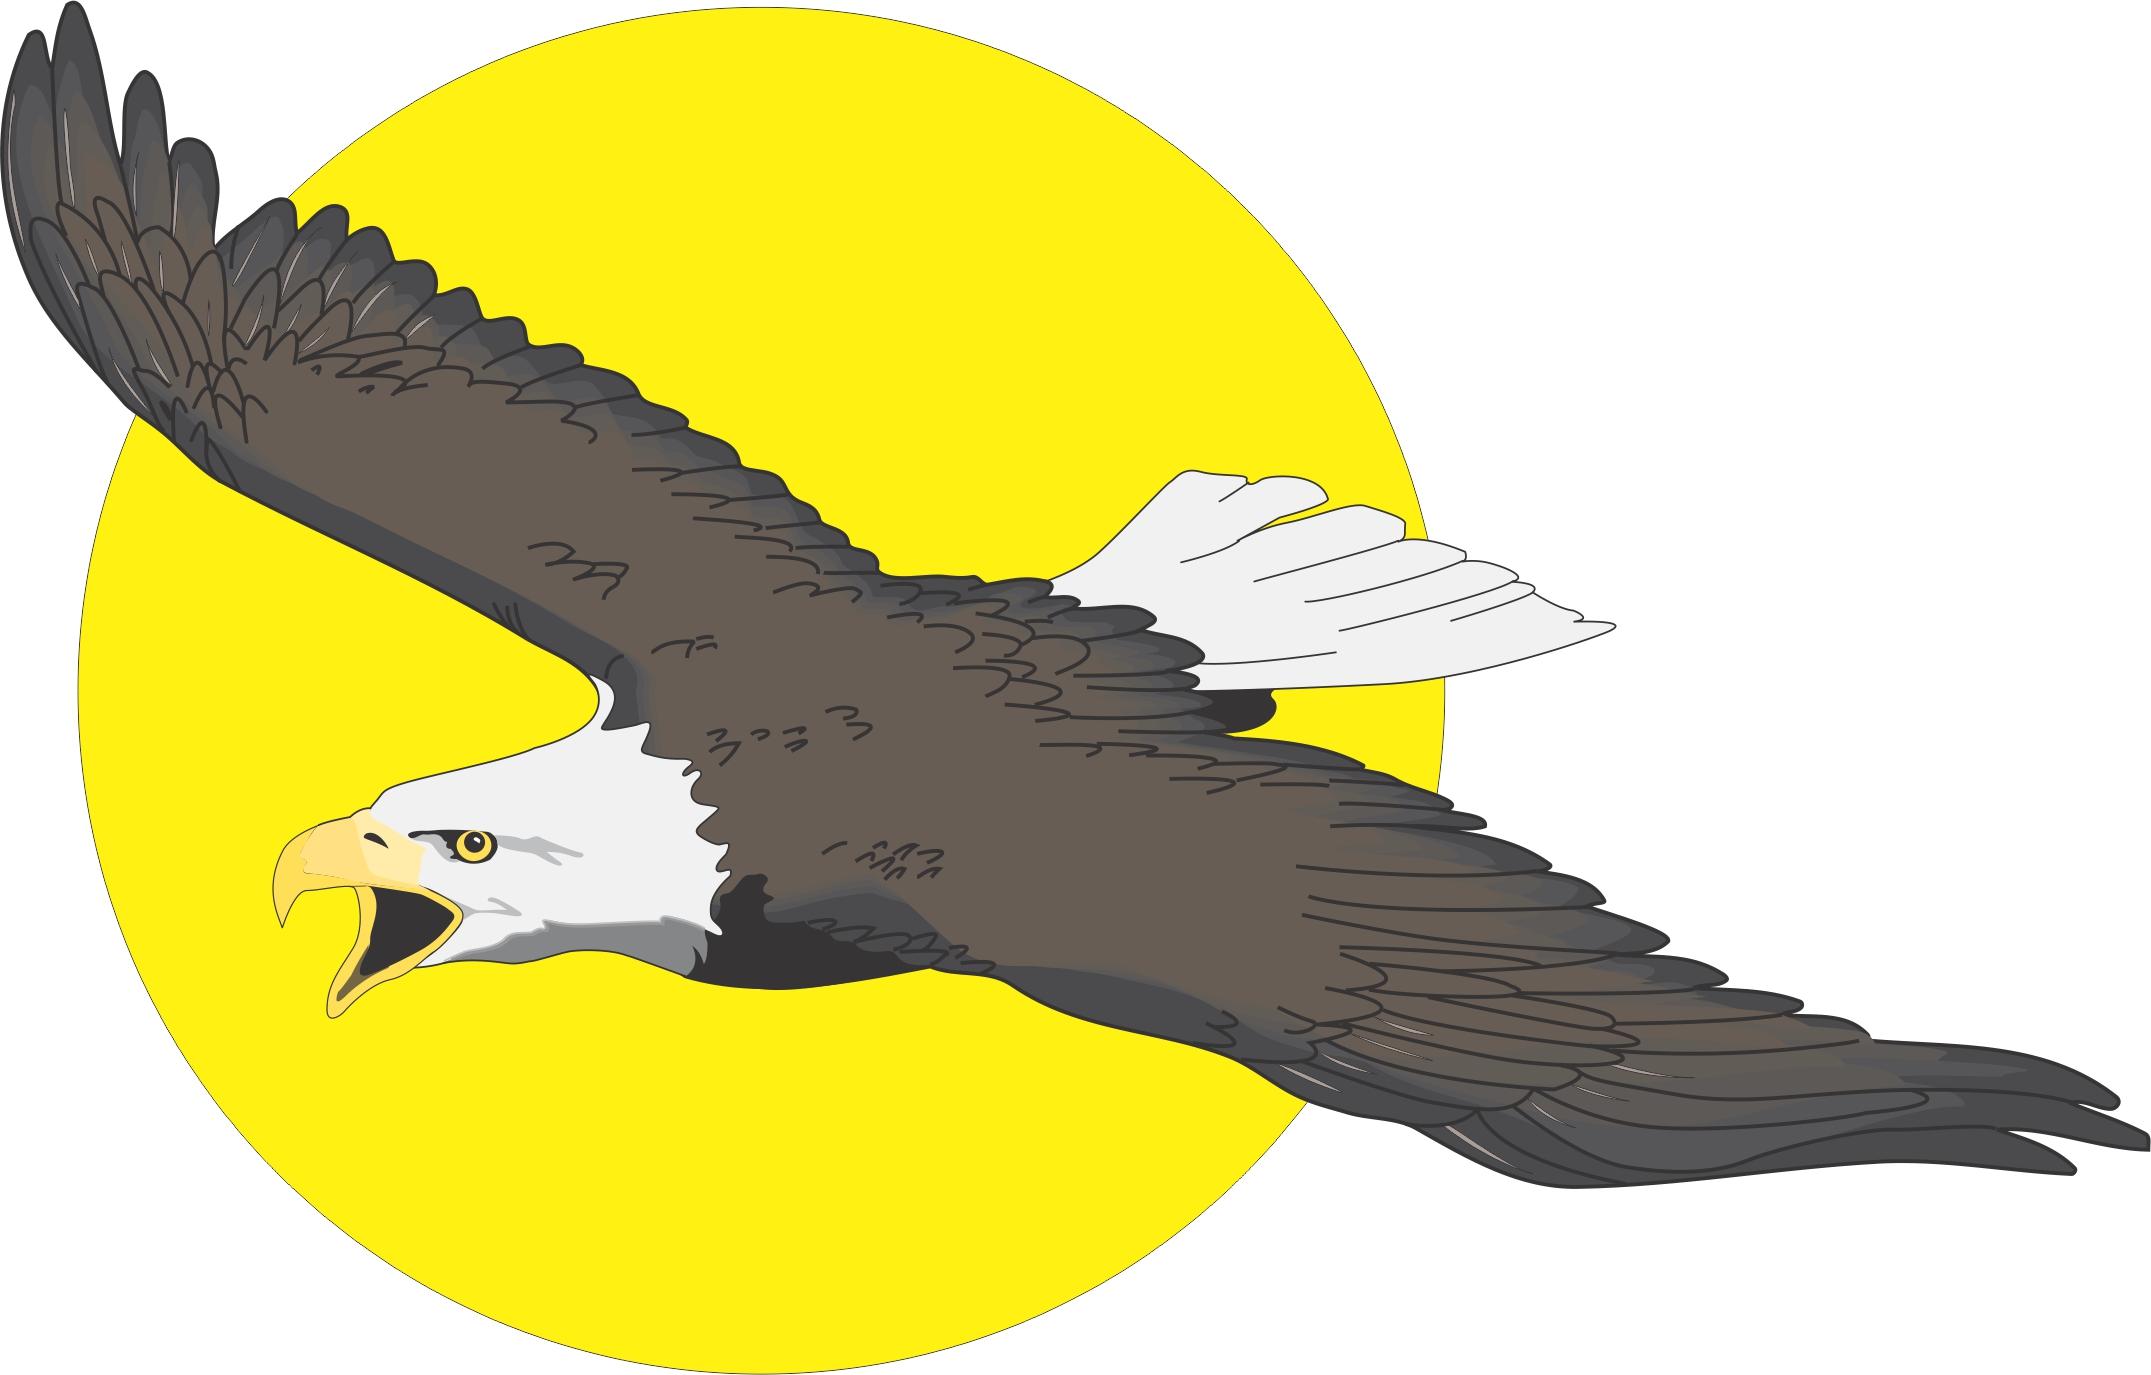 2151x1375 Cartoon Eagle Images